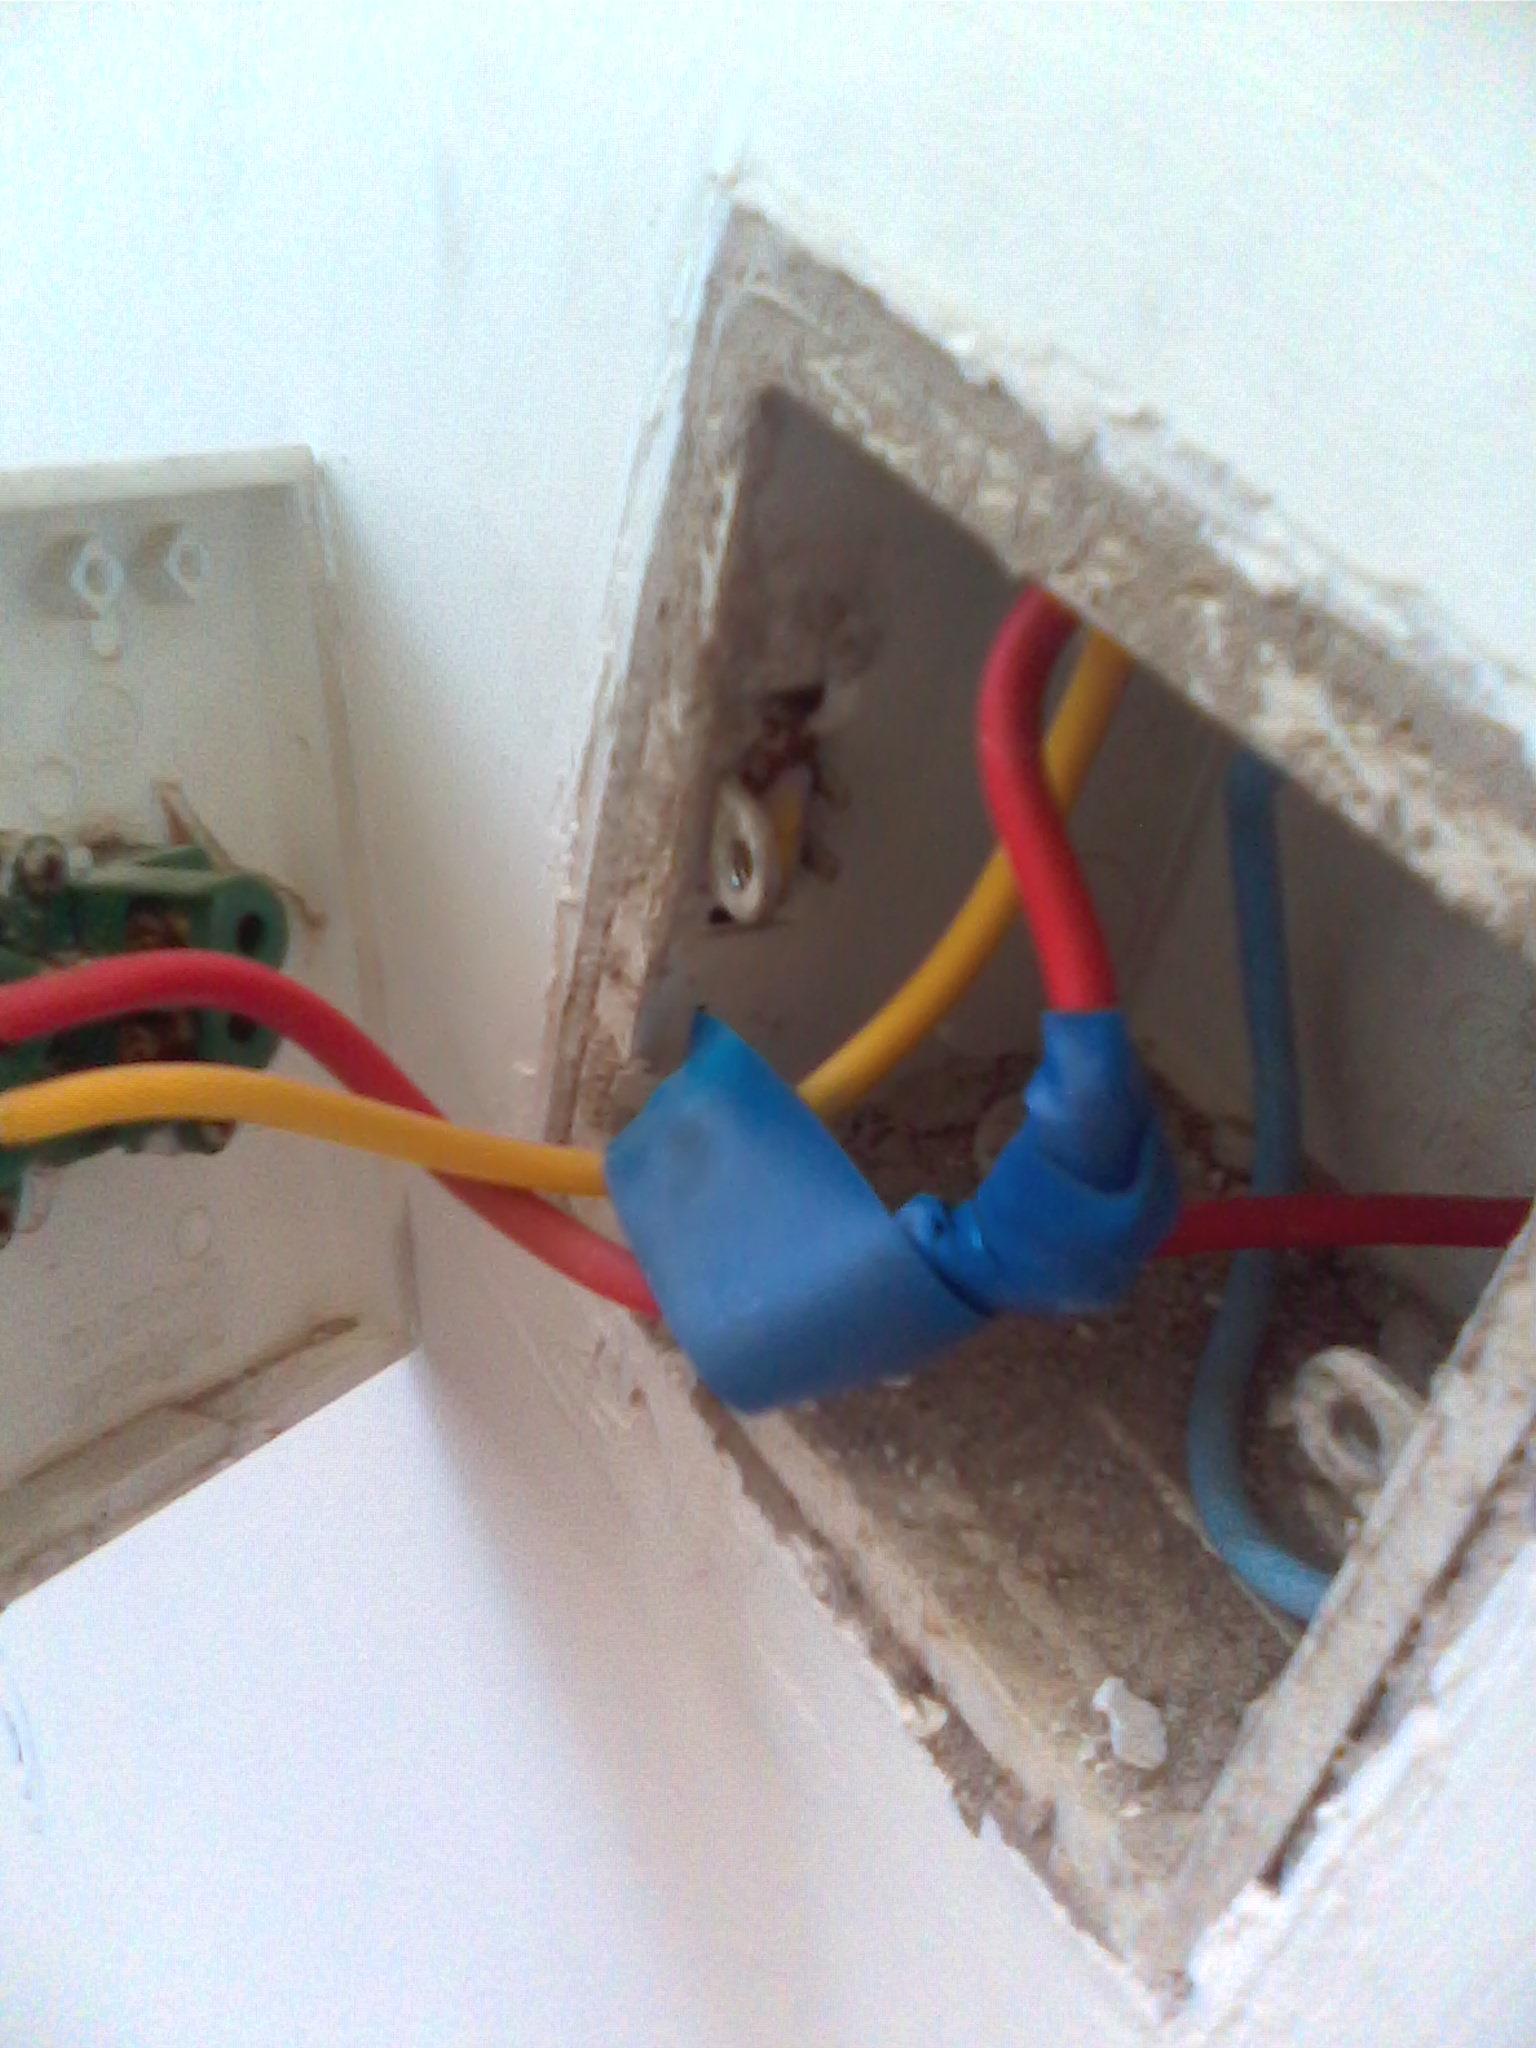 一开五孔插座面板,开关控制灯泡,如何接线?